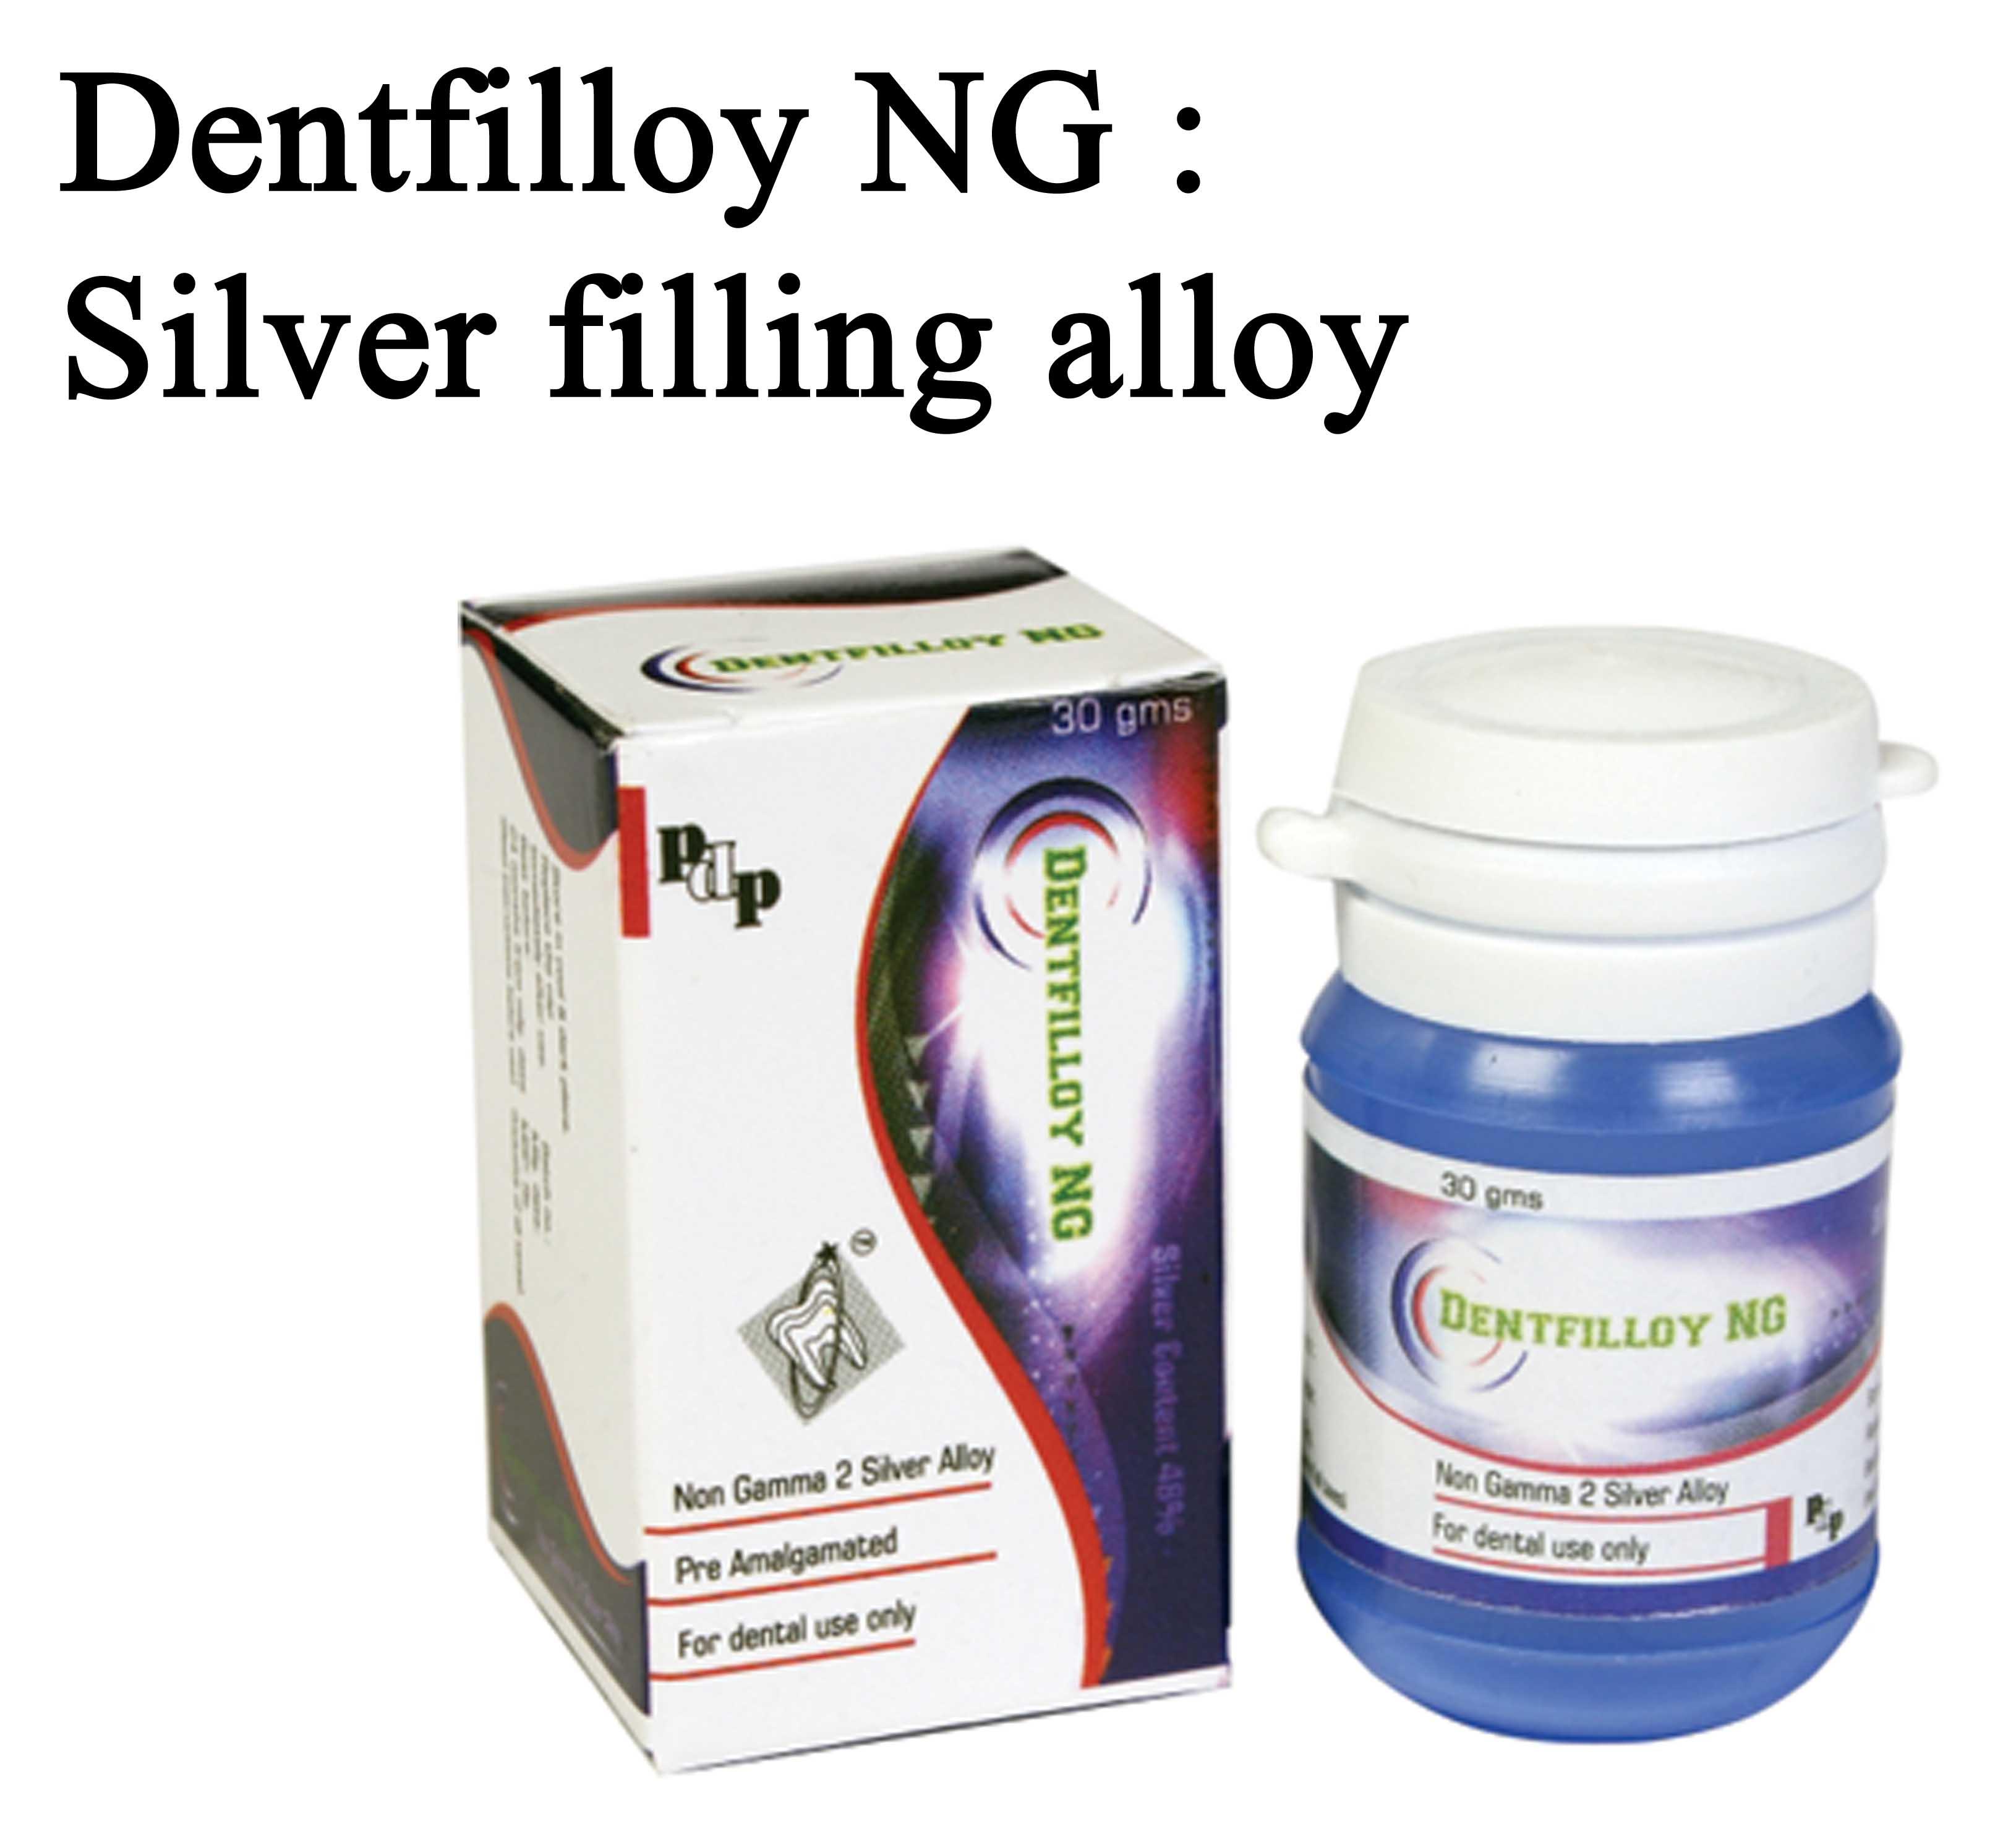 Dentfilloy NG